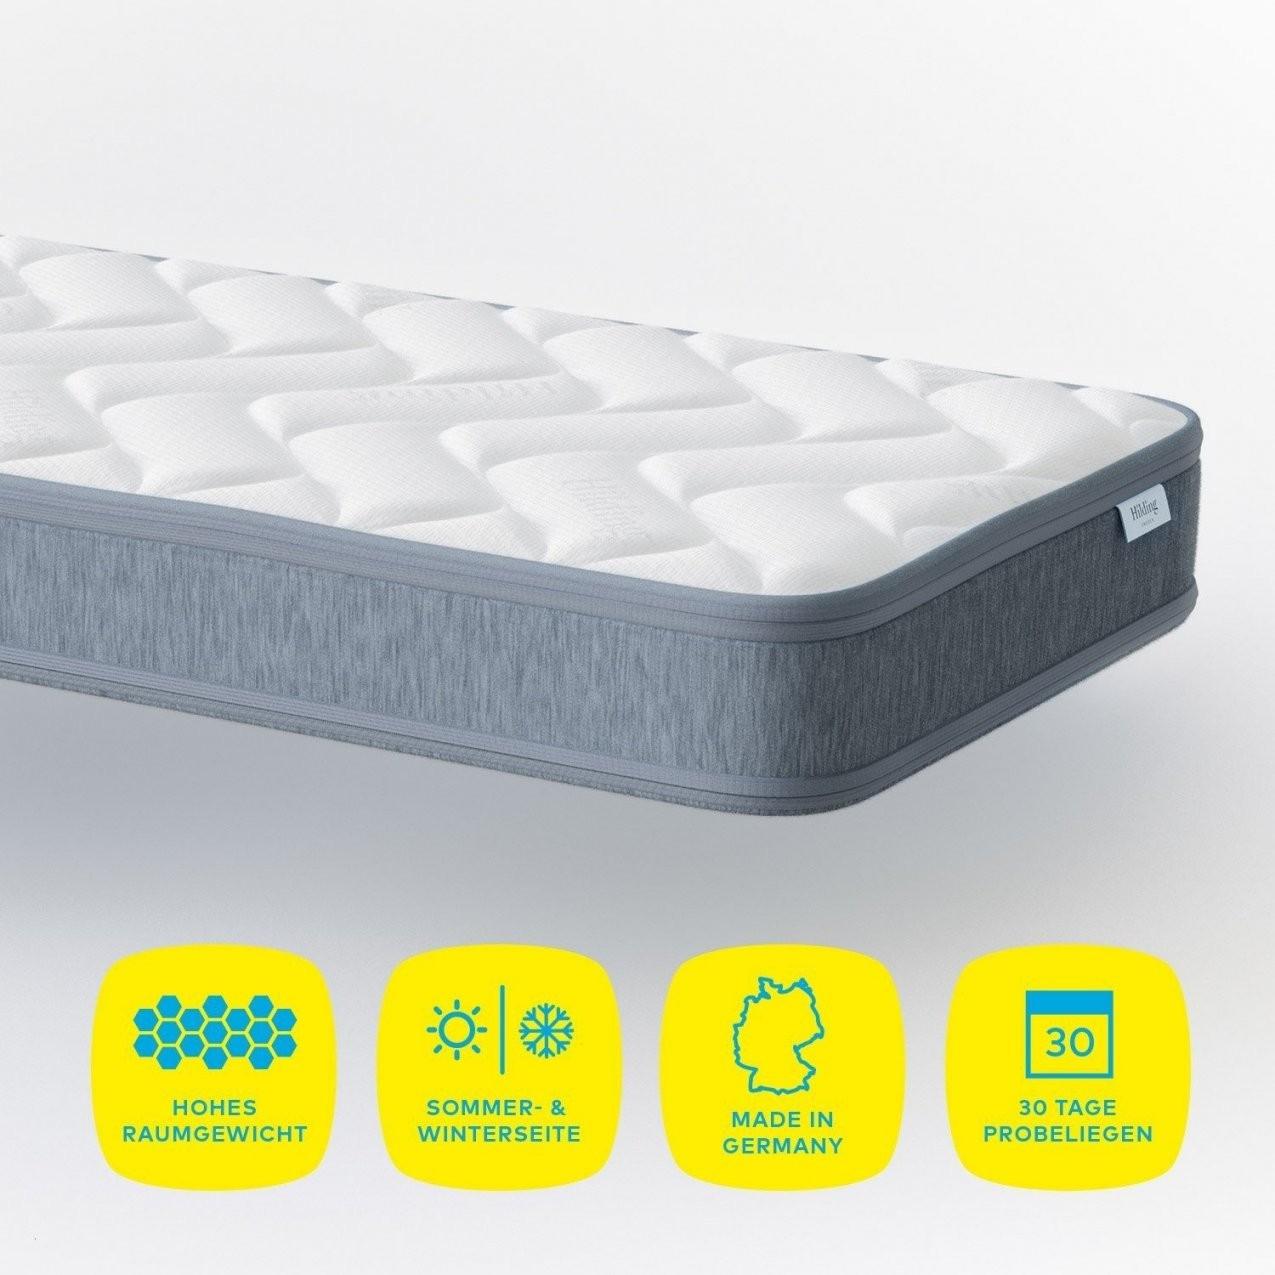 35 Einzigartig Futon Matratze Ikea Foto  Schlafsofa Ideen Und Bilder von Futon Matratze Hamburg Bild